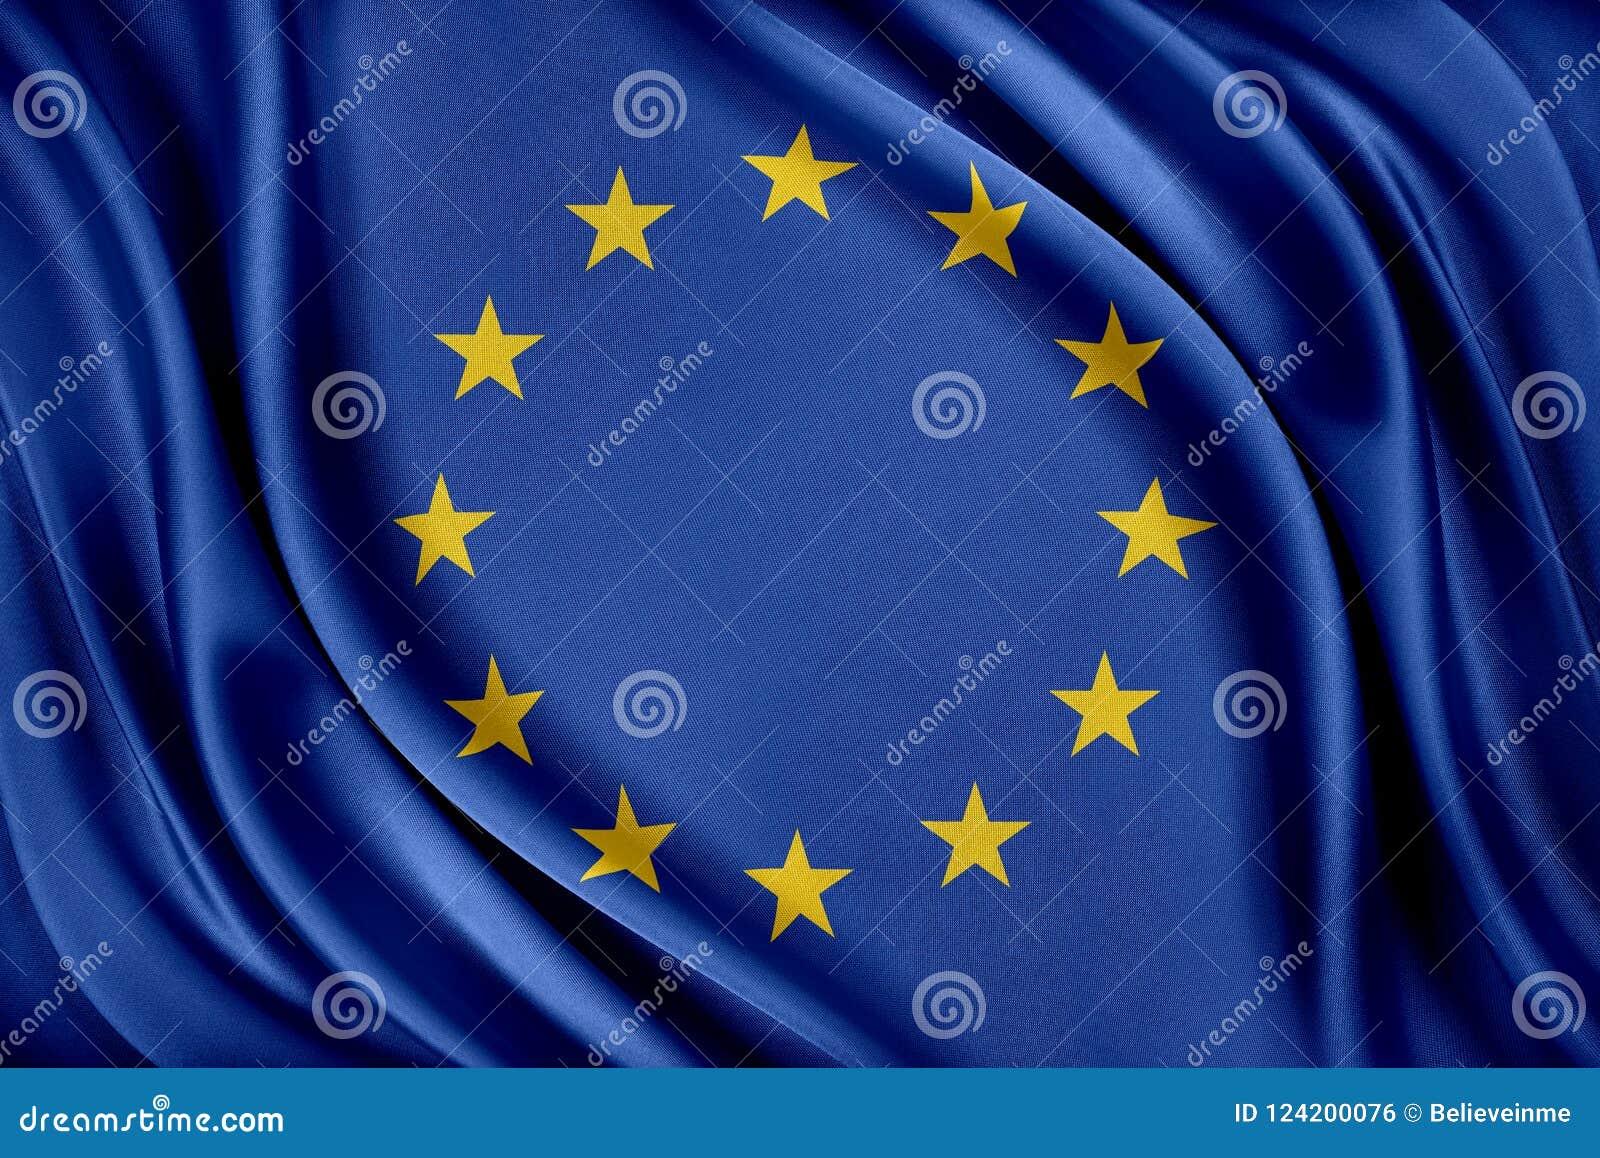 Europeiska union sjunker Flagga med en glansig siden- textur